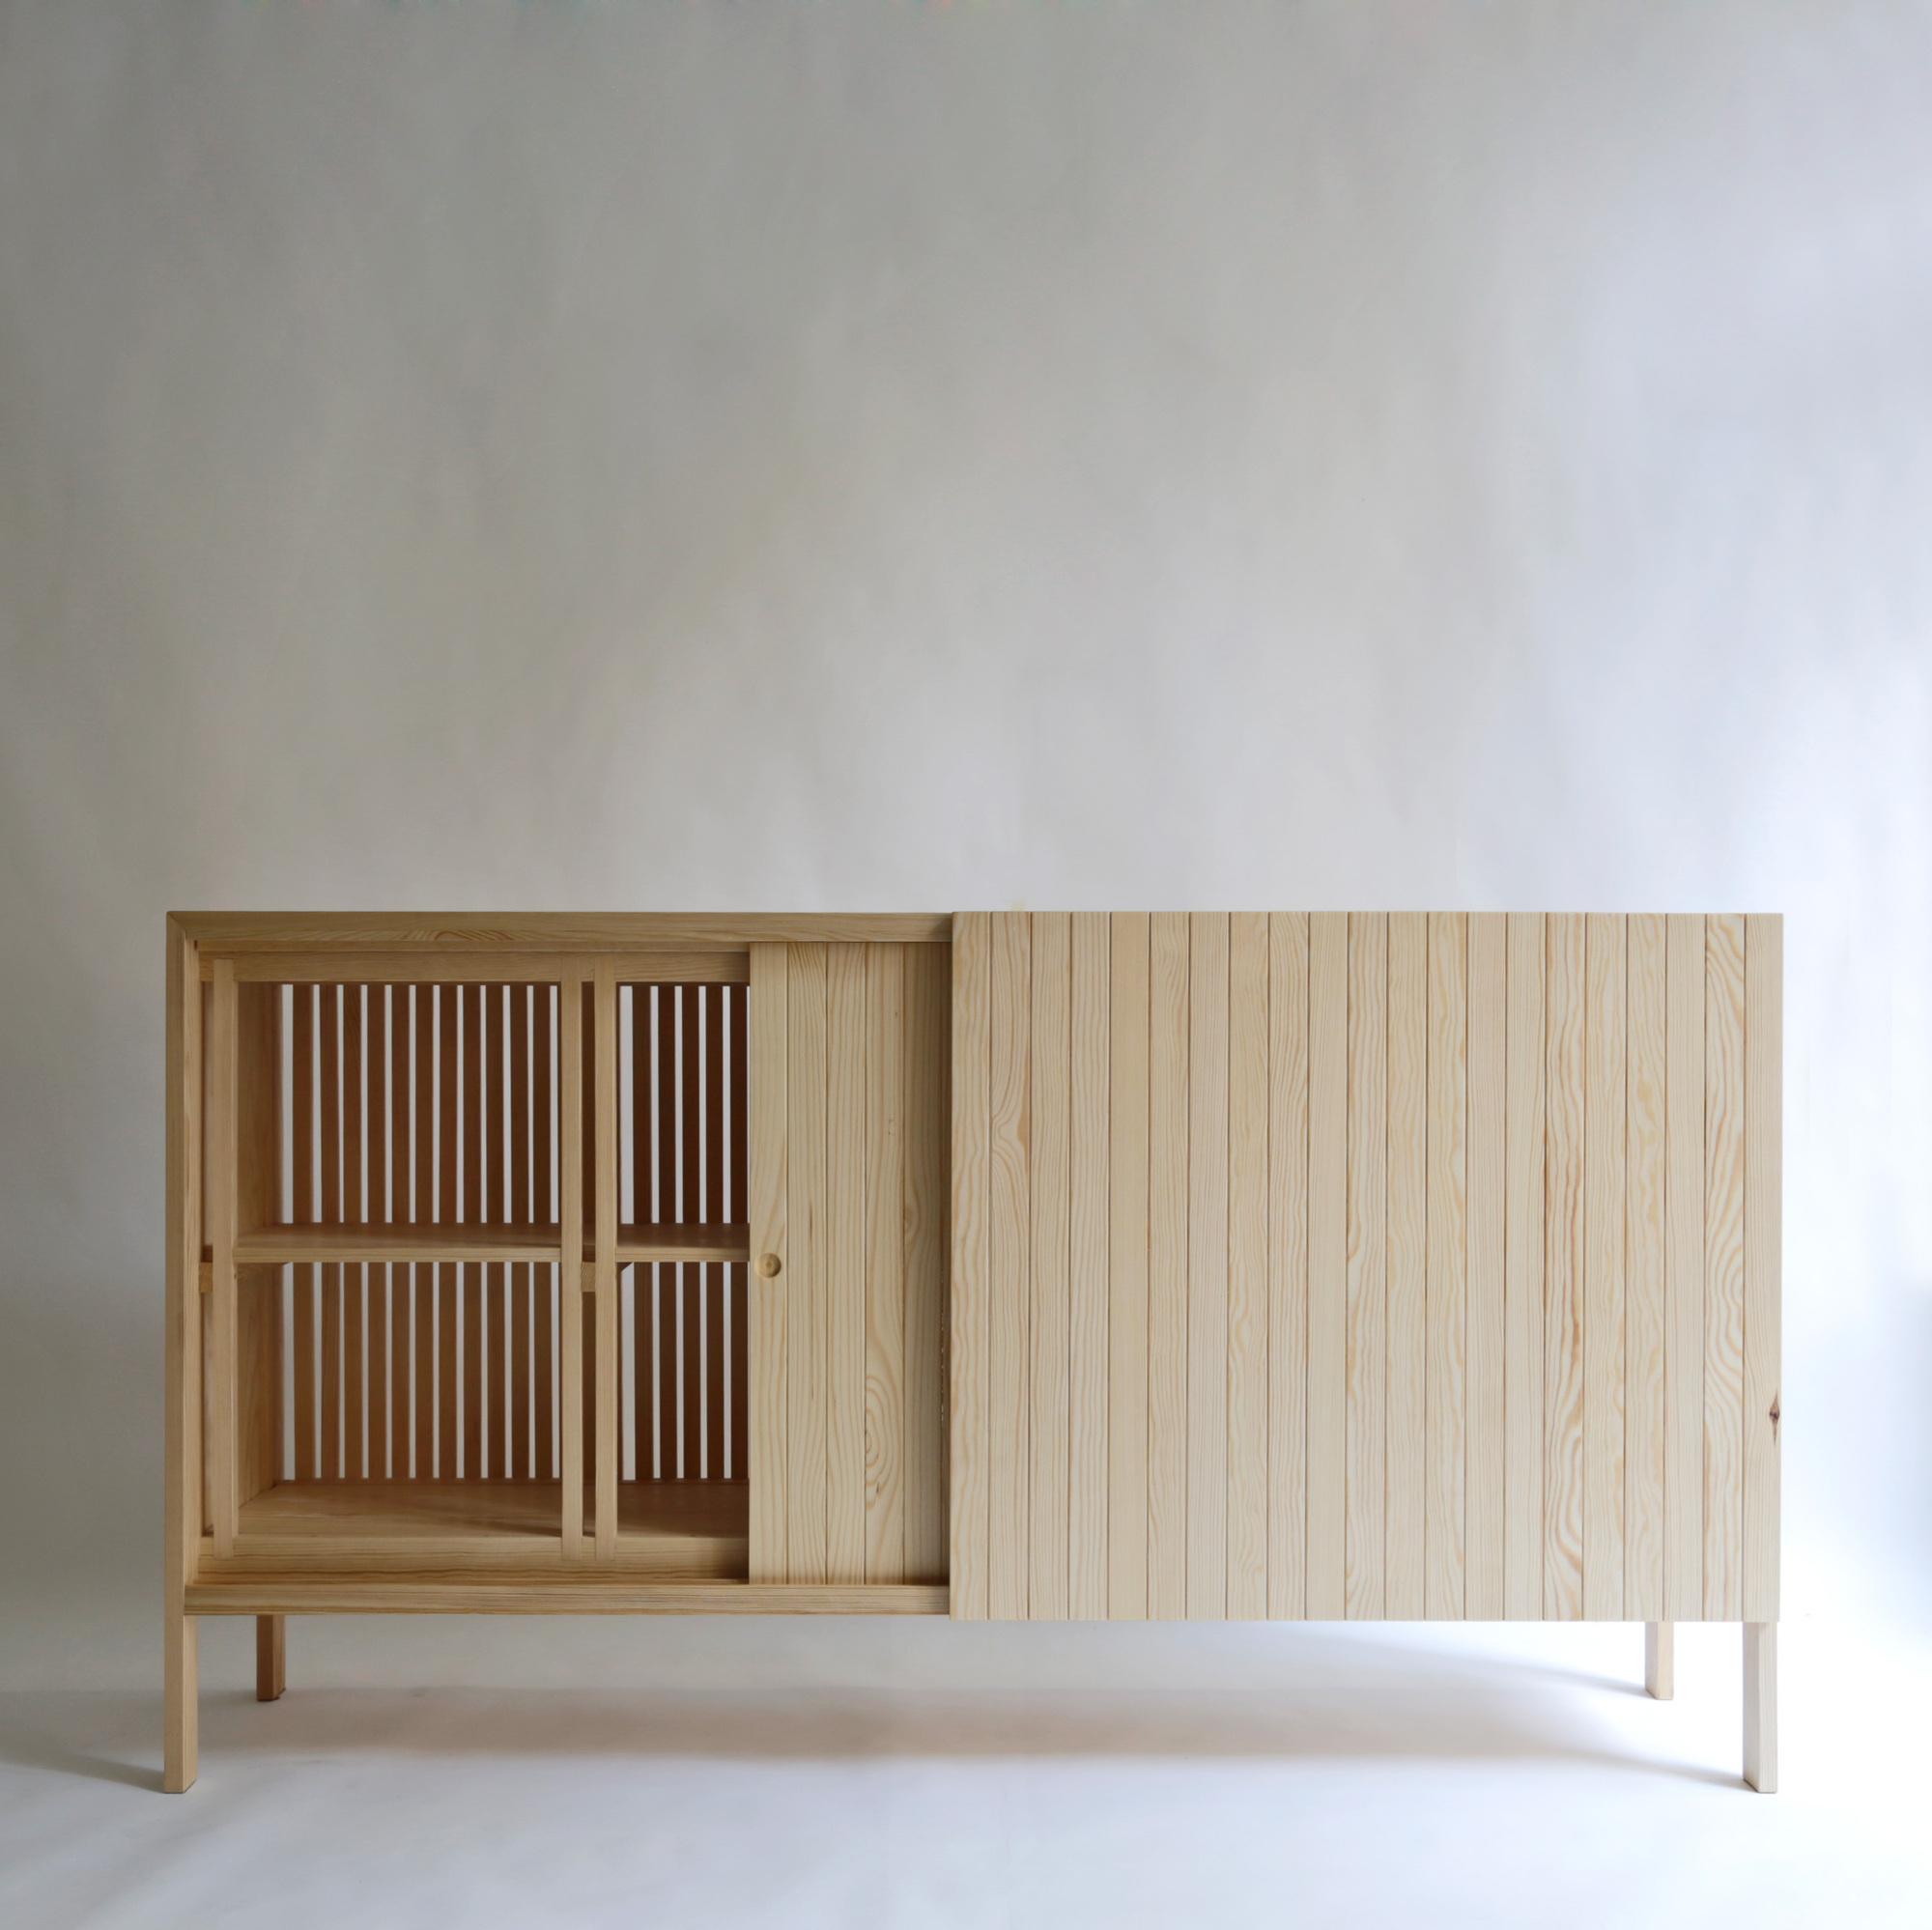 Revista muebles mobiliario de dise o for Muebles bonitos sl